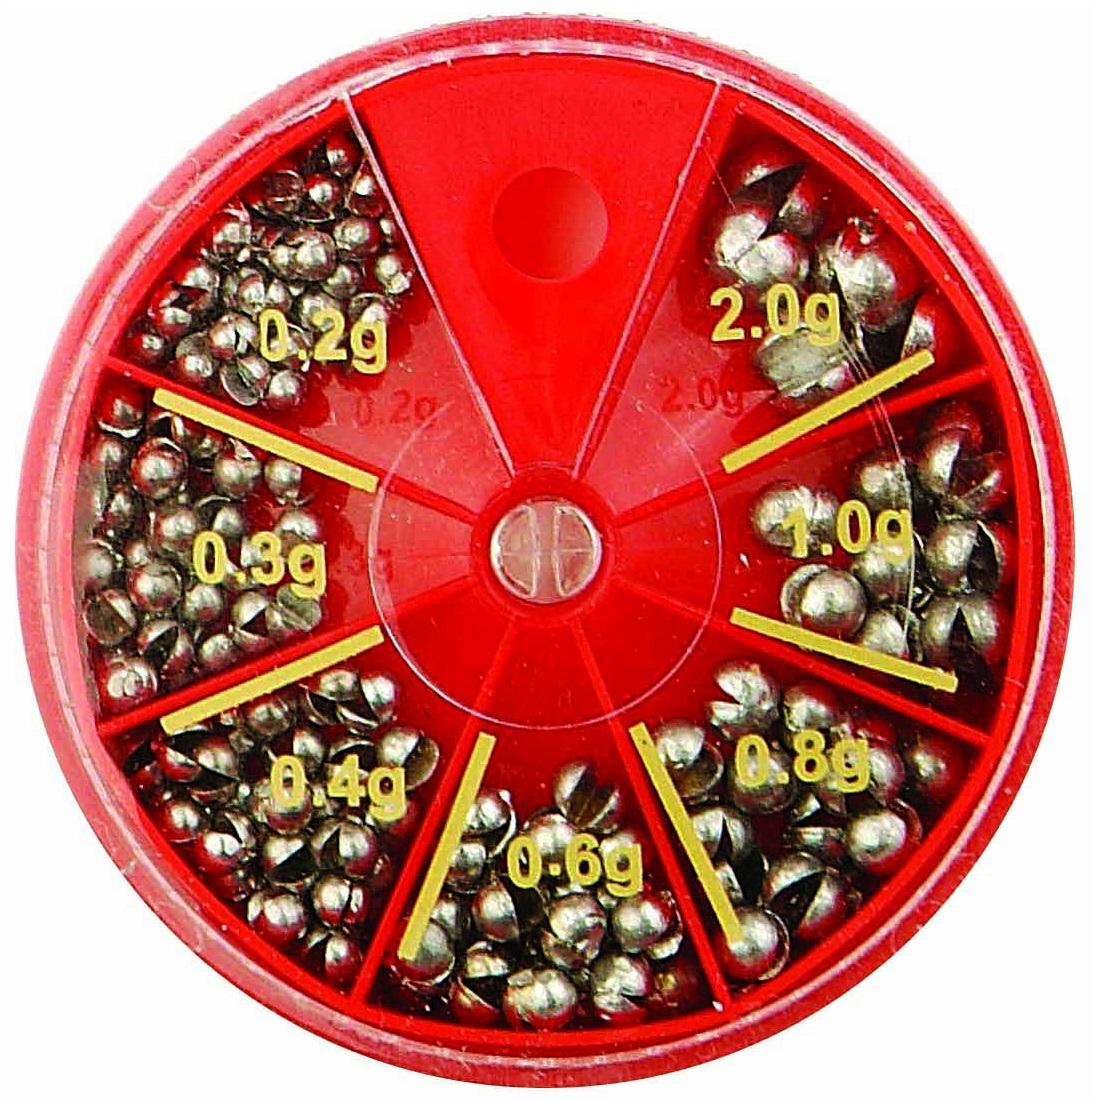 Paladin Schrotblei-Sortiment in Spenderdose 0,2 bis 2 g - 120g